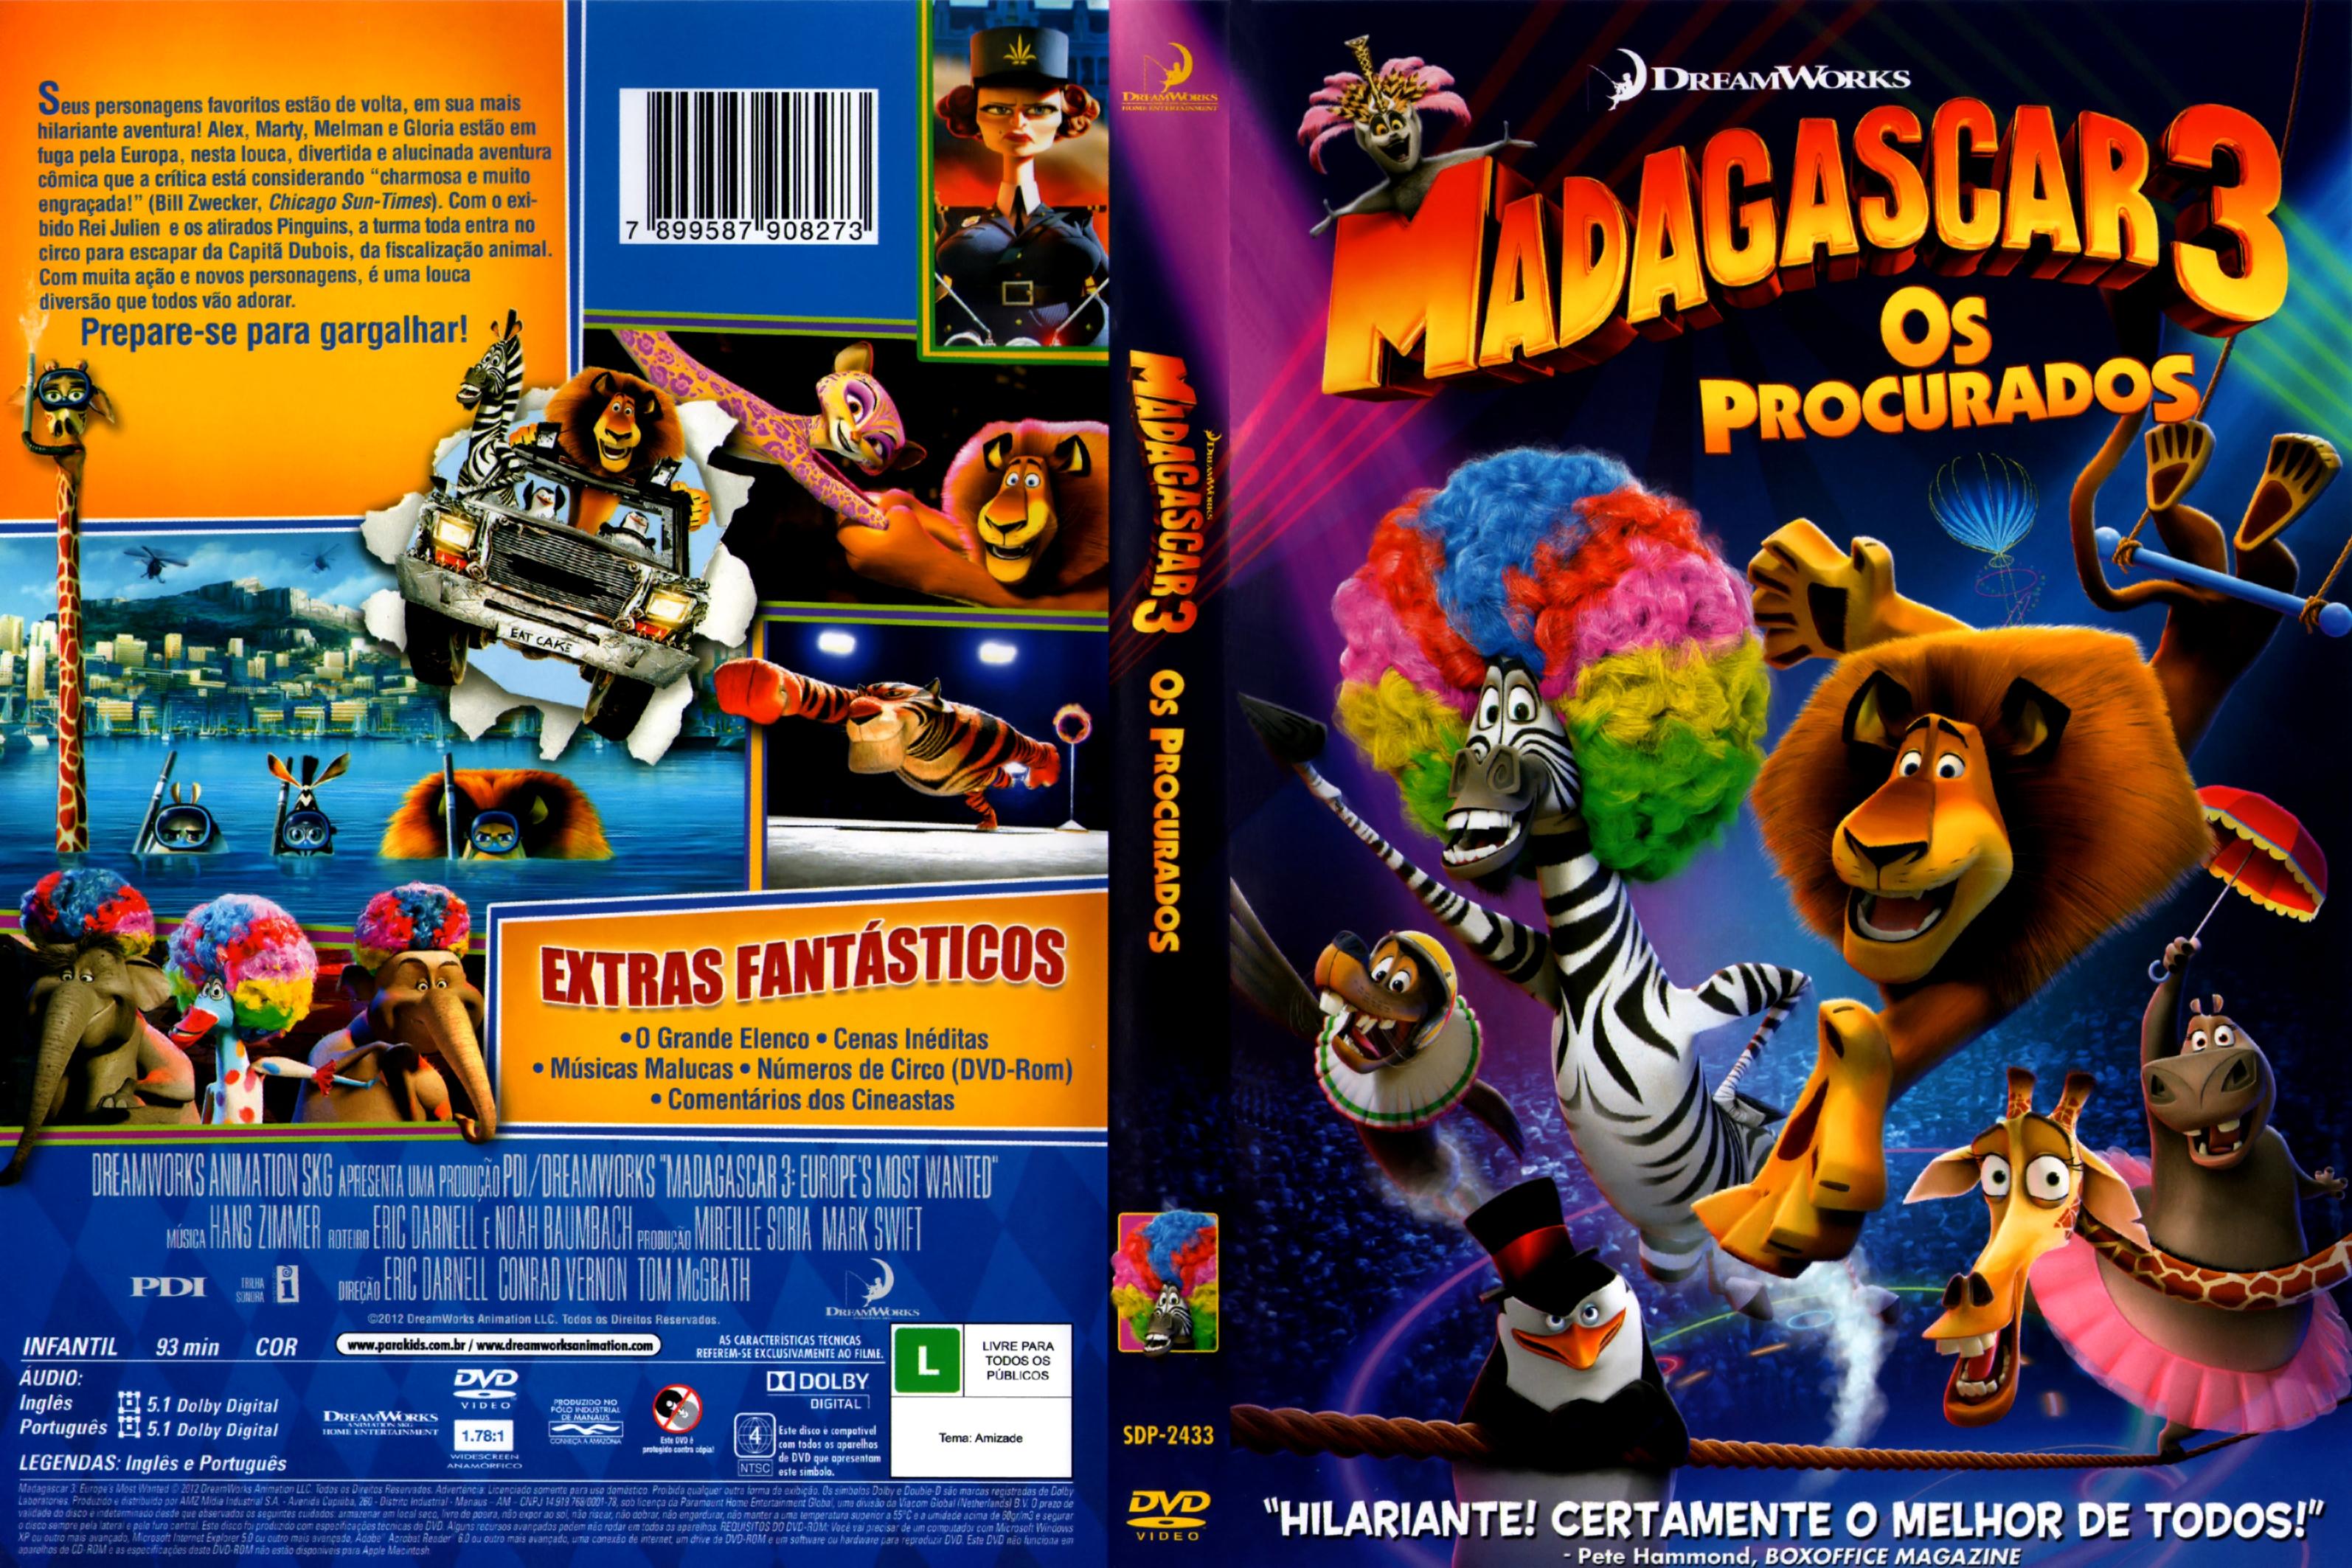 filme madagascar 3 os procurados para